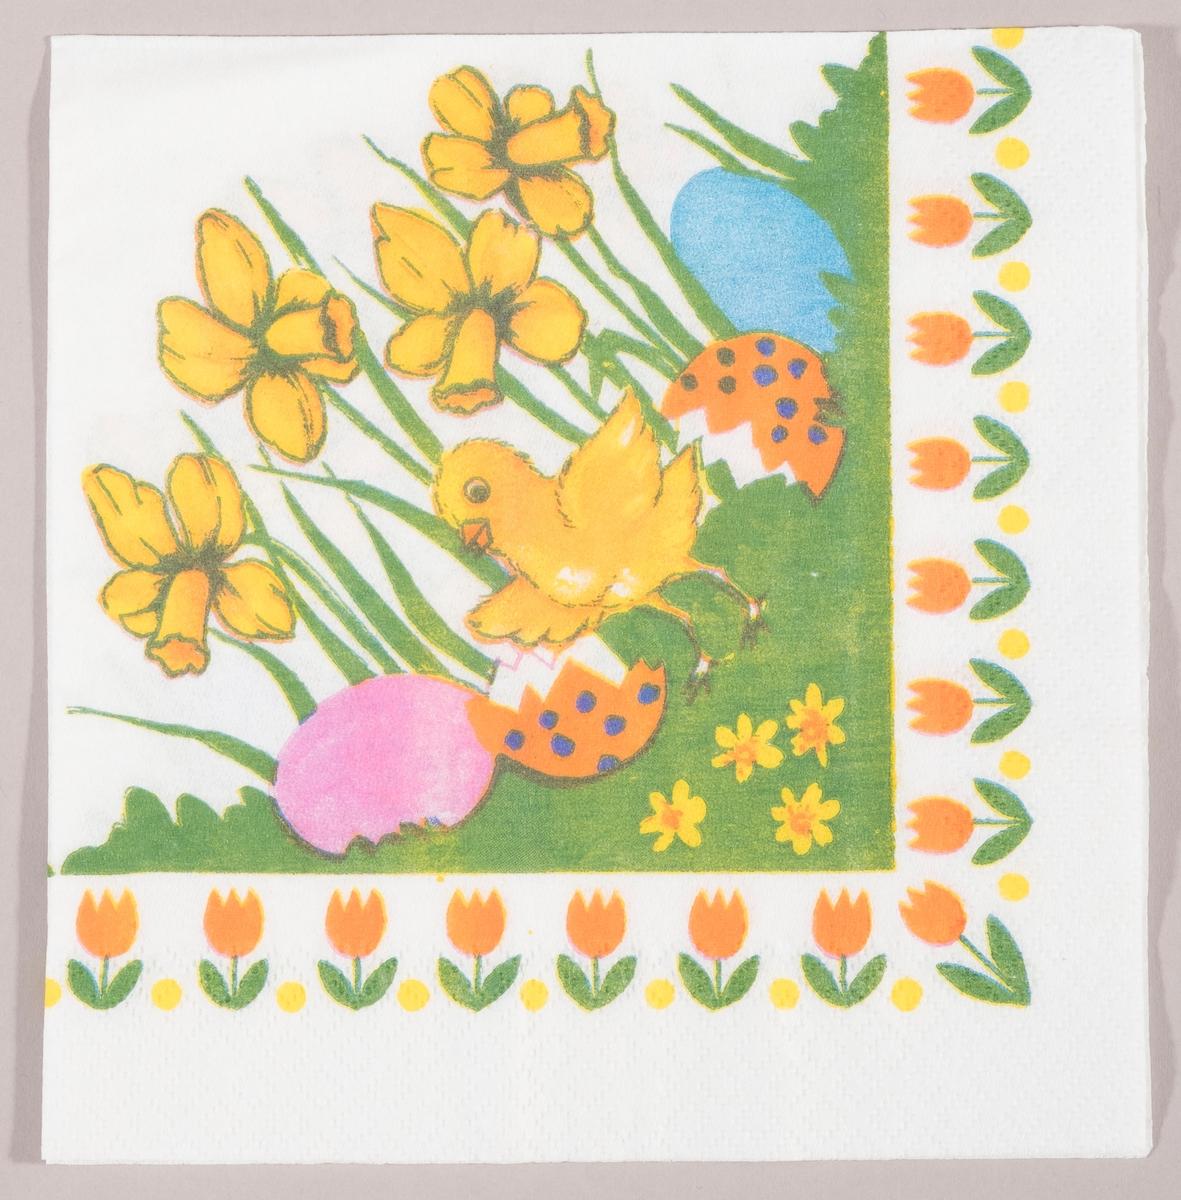 En kylling med utbredte vinger står mellom påskeliljer og to skaller av et påskeegg,og et rosa og et blått påskeegg. En rekke med tulipaner langs kanten.